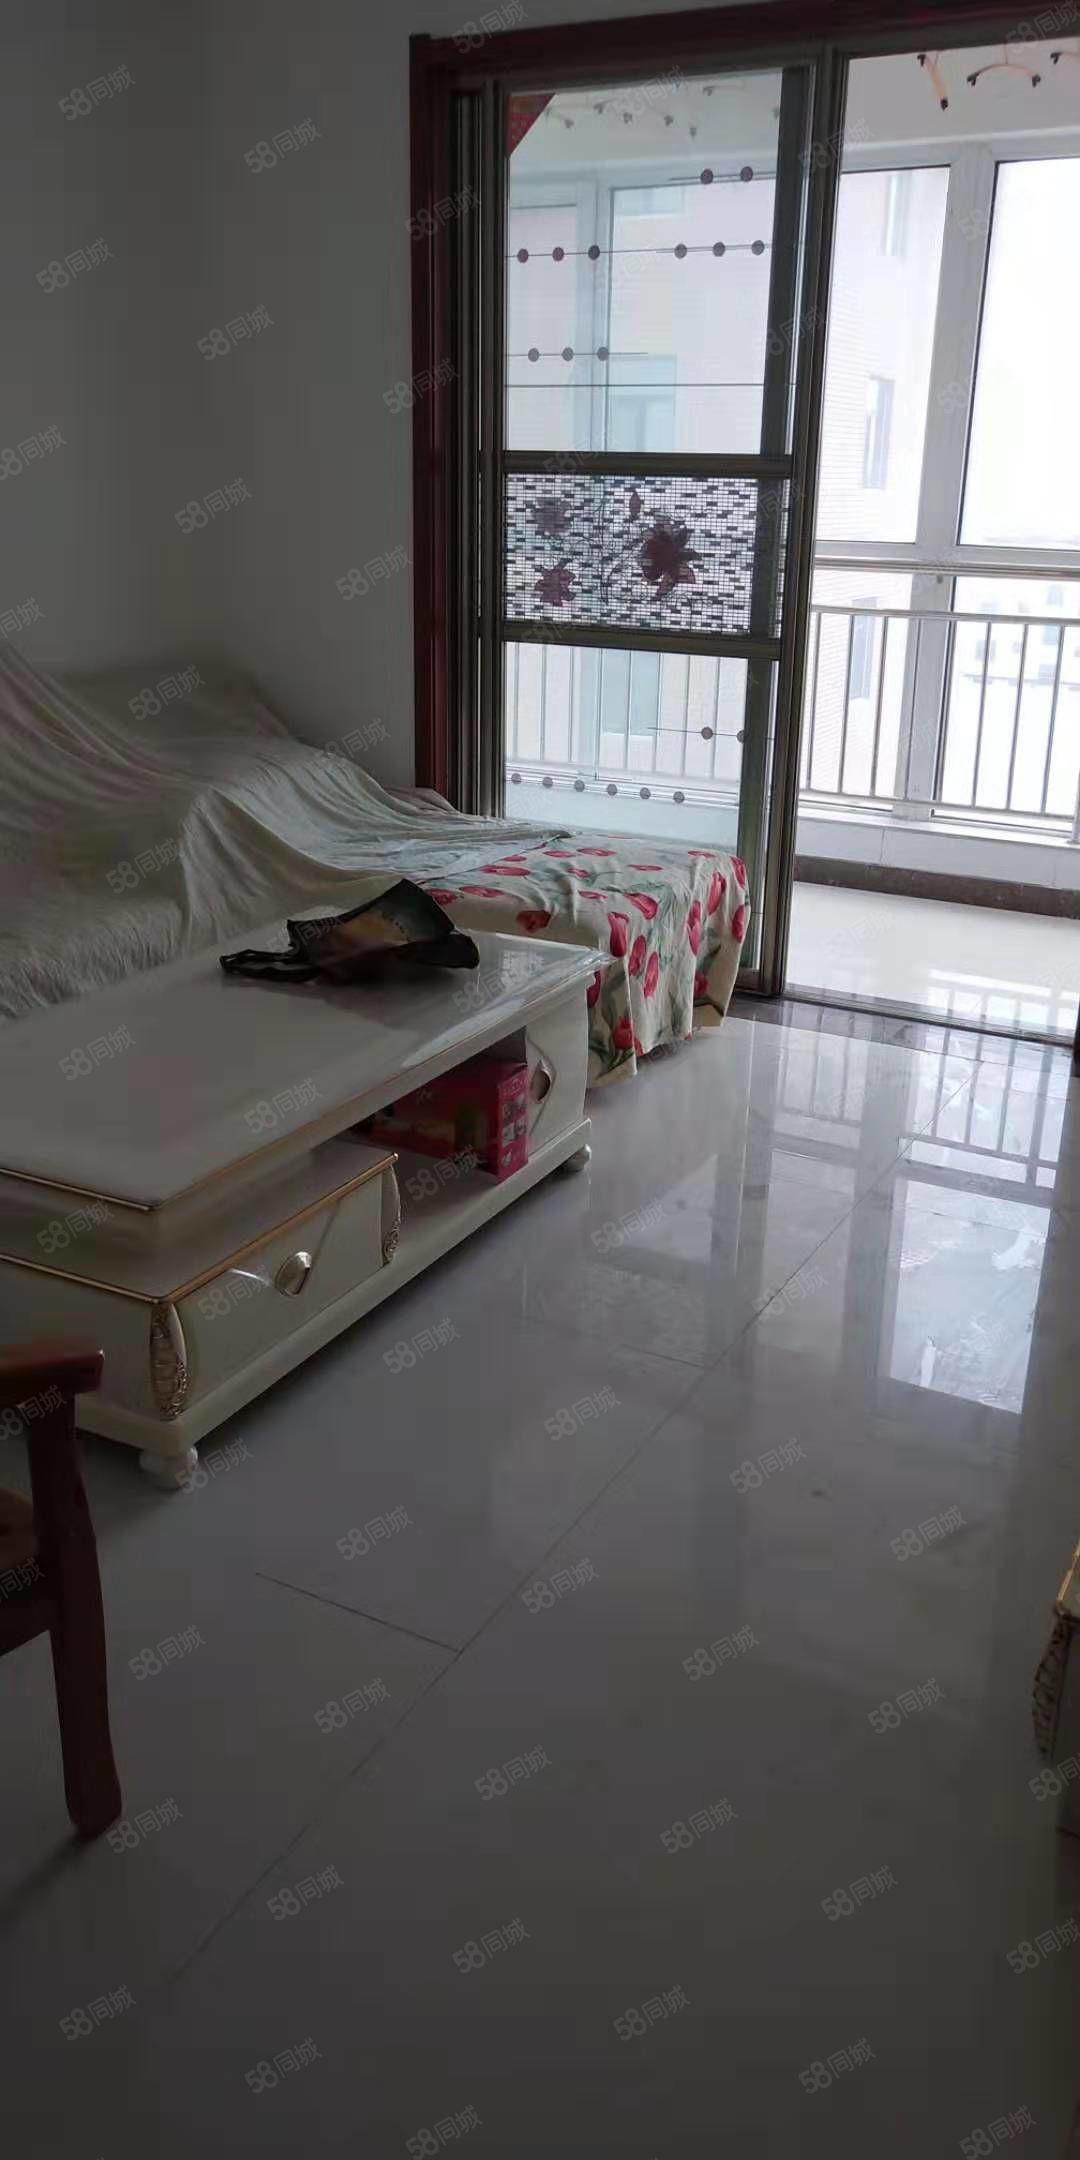 和谐庄园 两室带储藏室 新房装修未住 有证